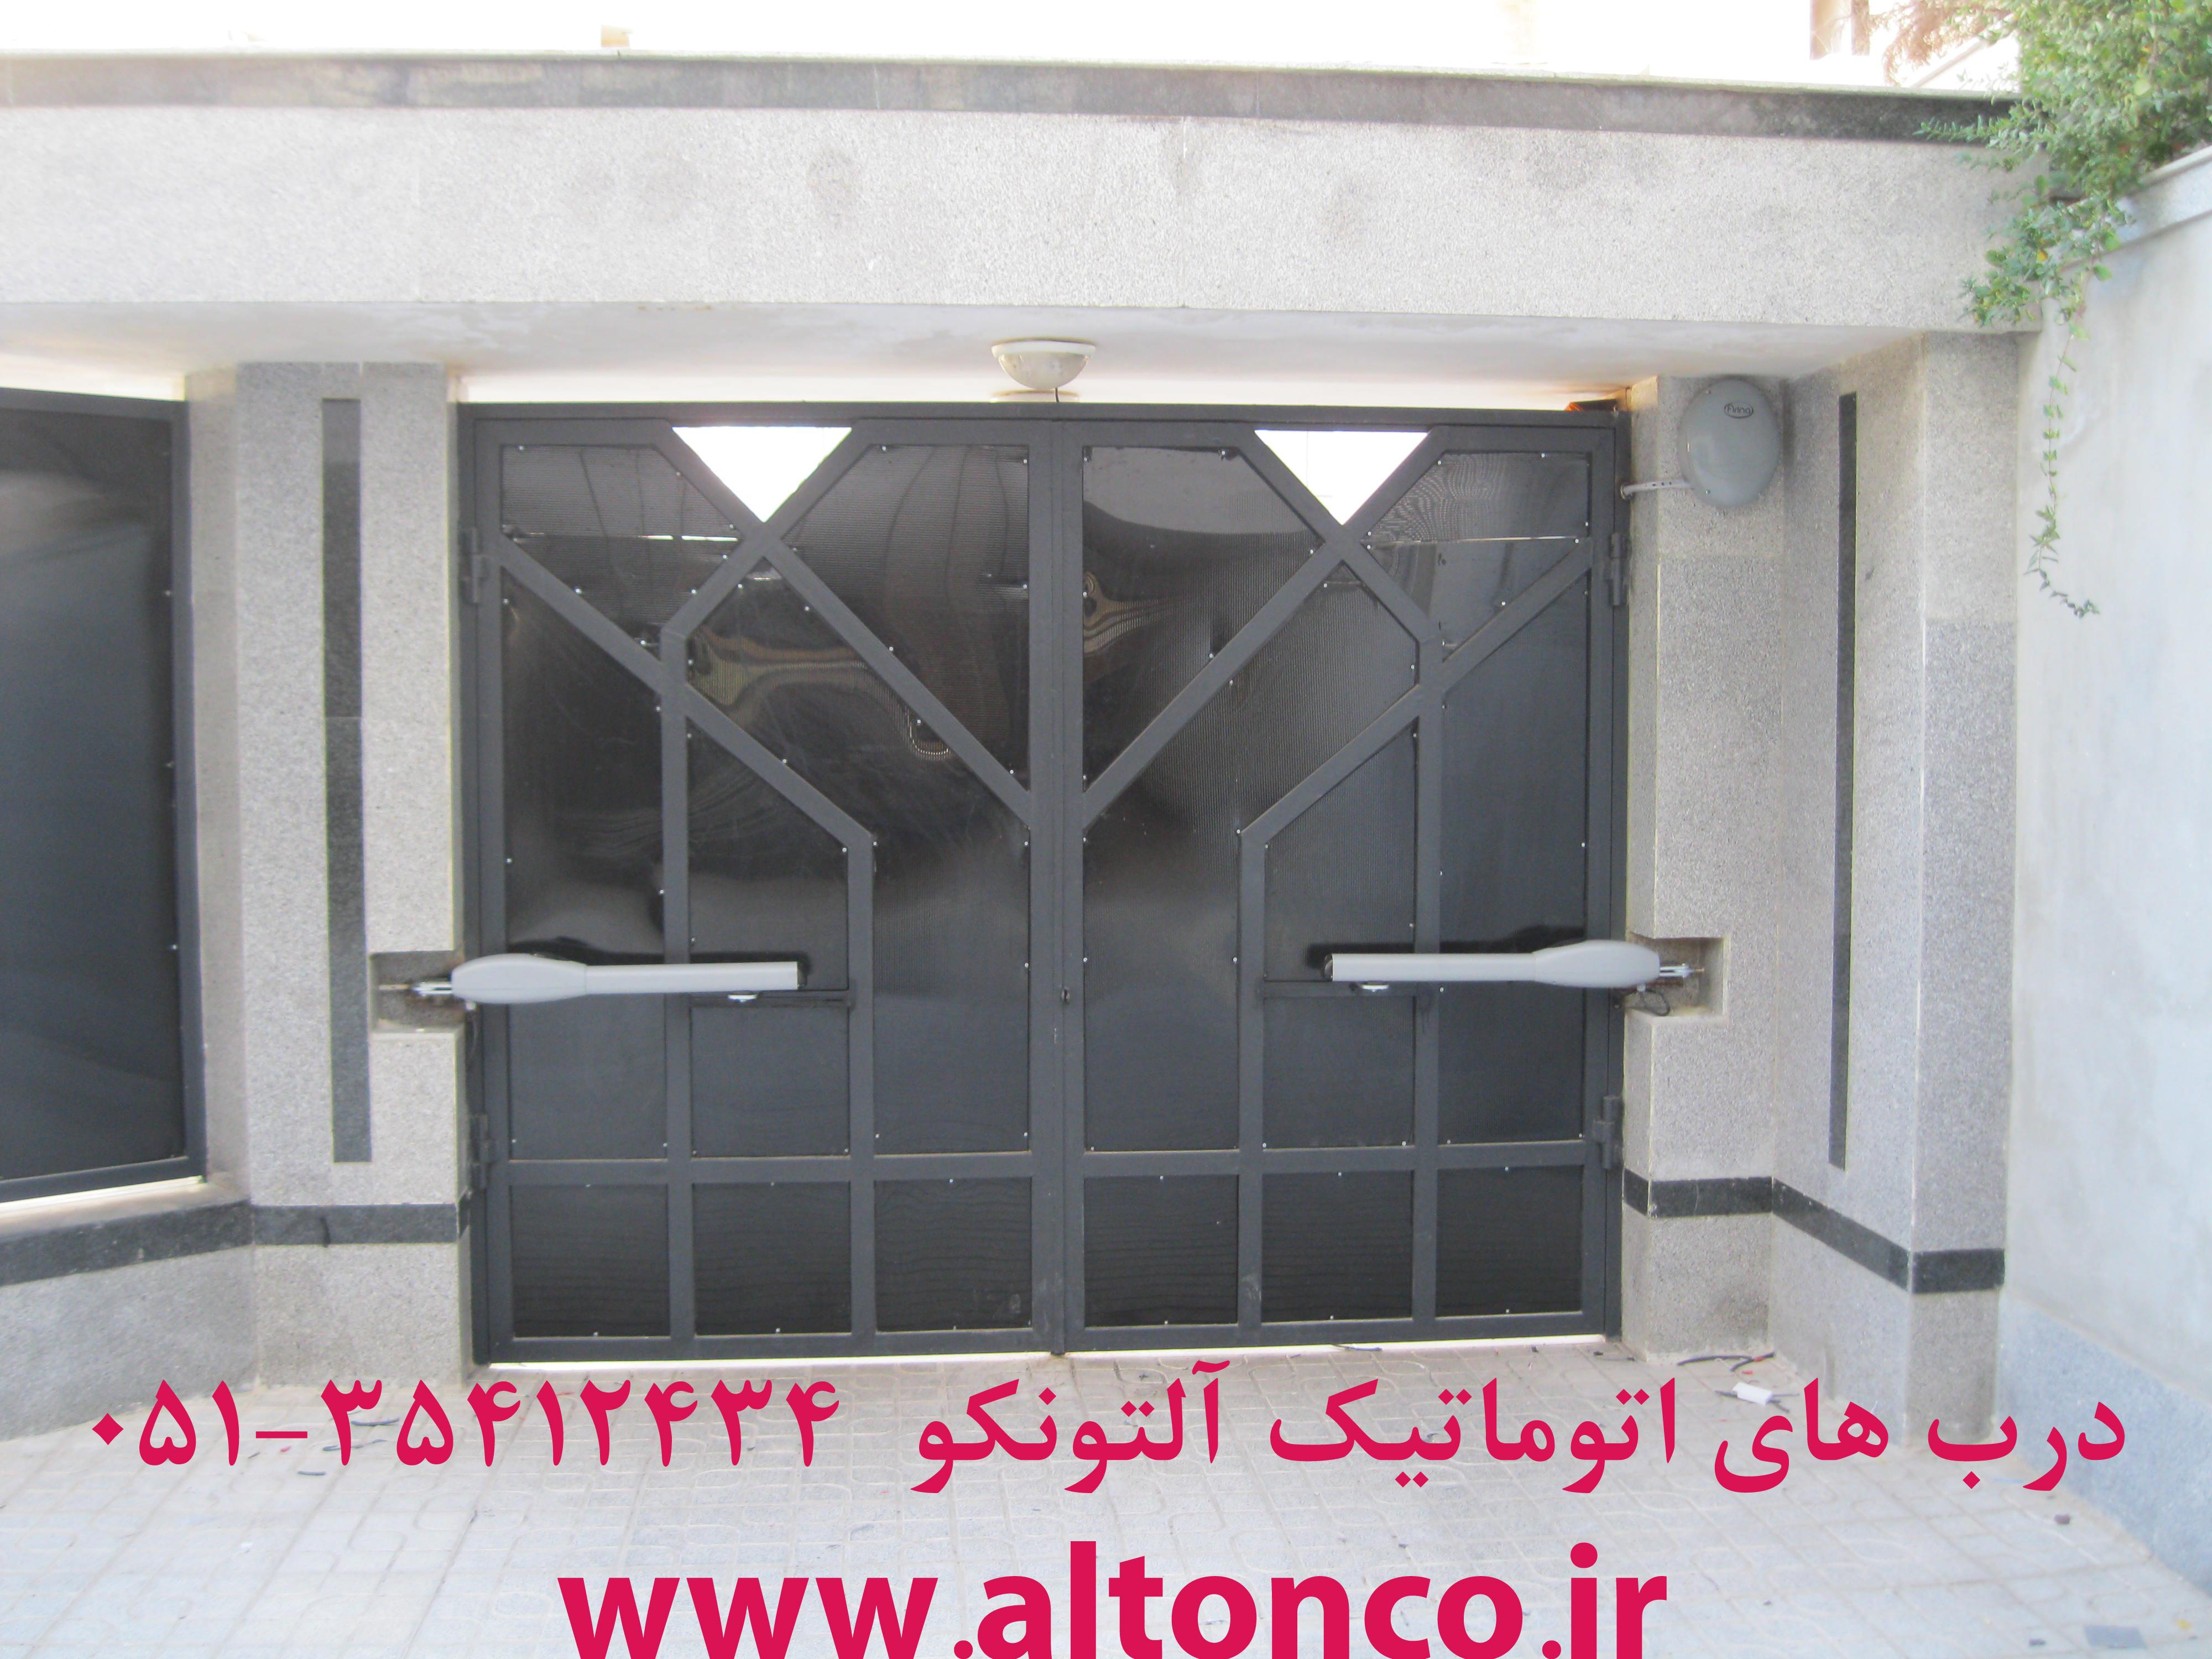 تعمیر دربهای آچیلان در(درب اتوماتیک)مشهد